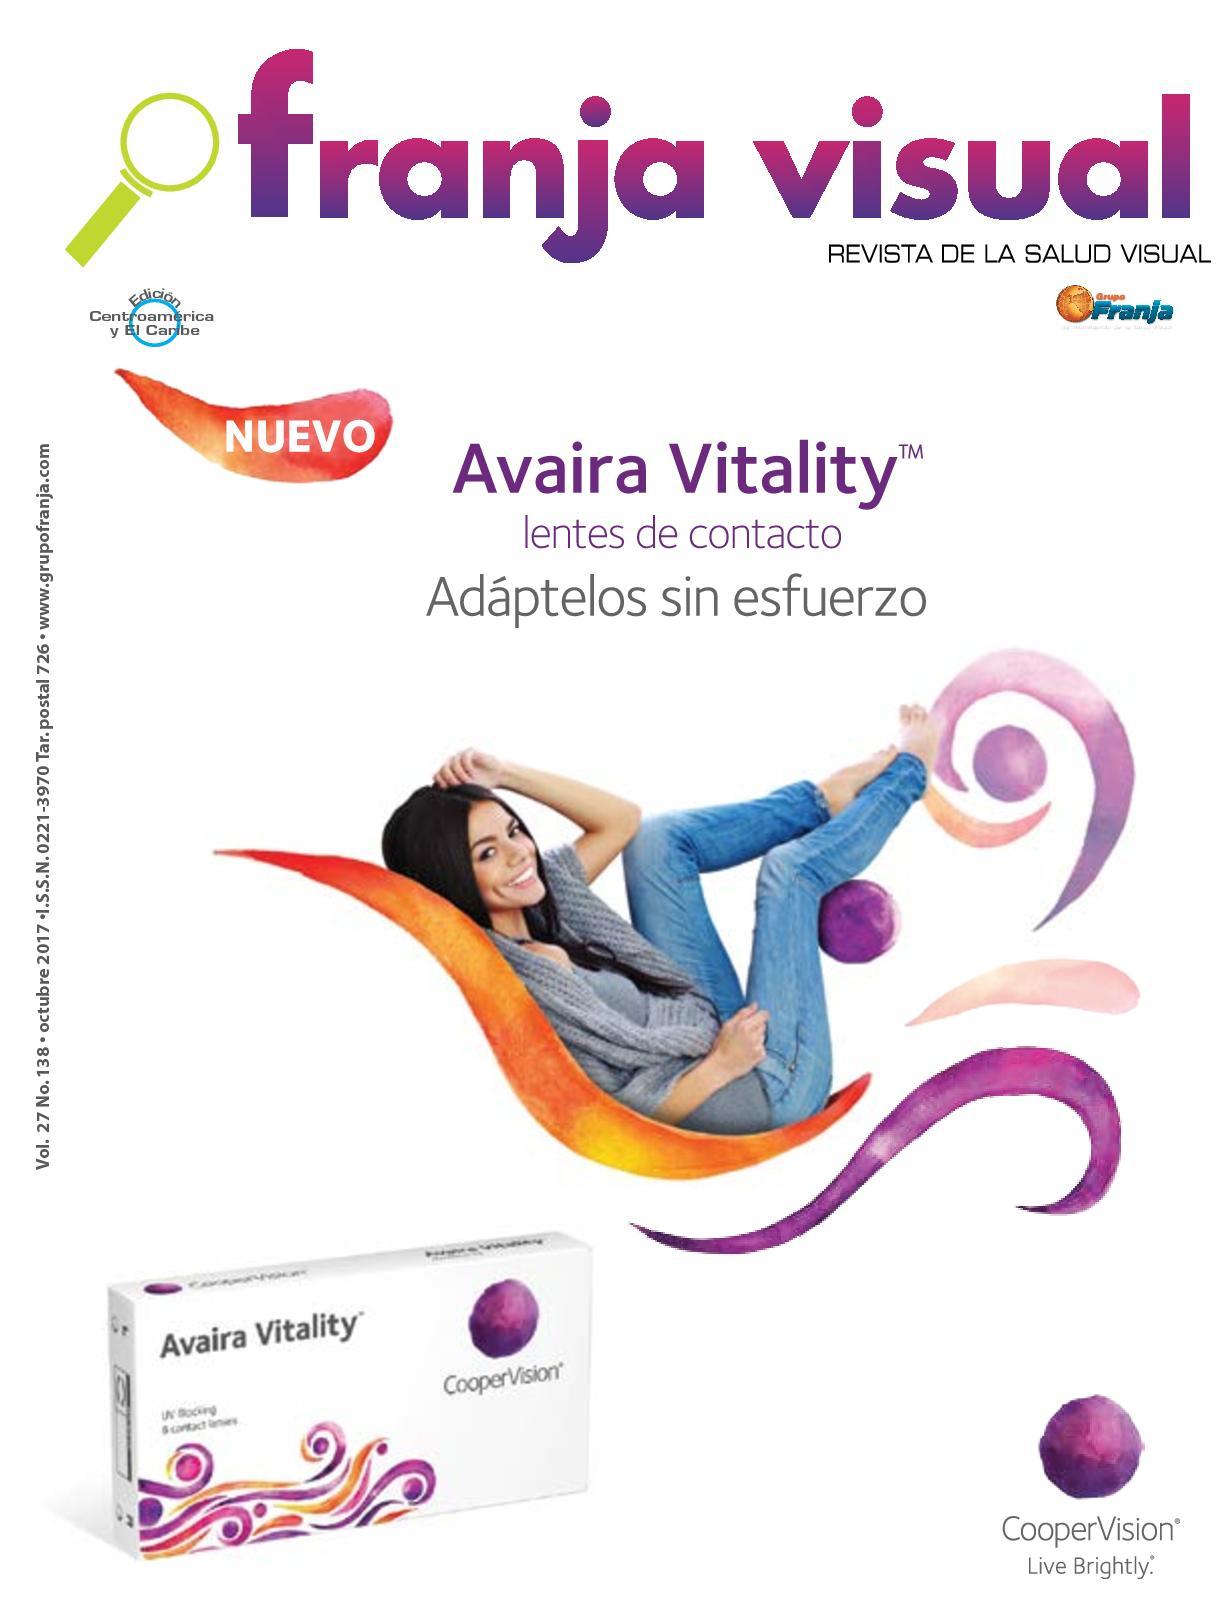 00a4877a4e Calaméo - Franja Visual No. 138 Centroamérica